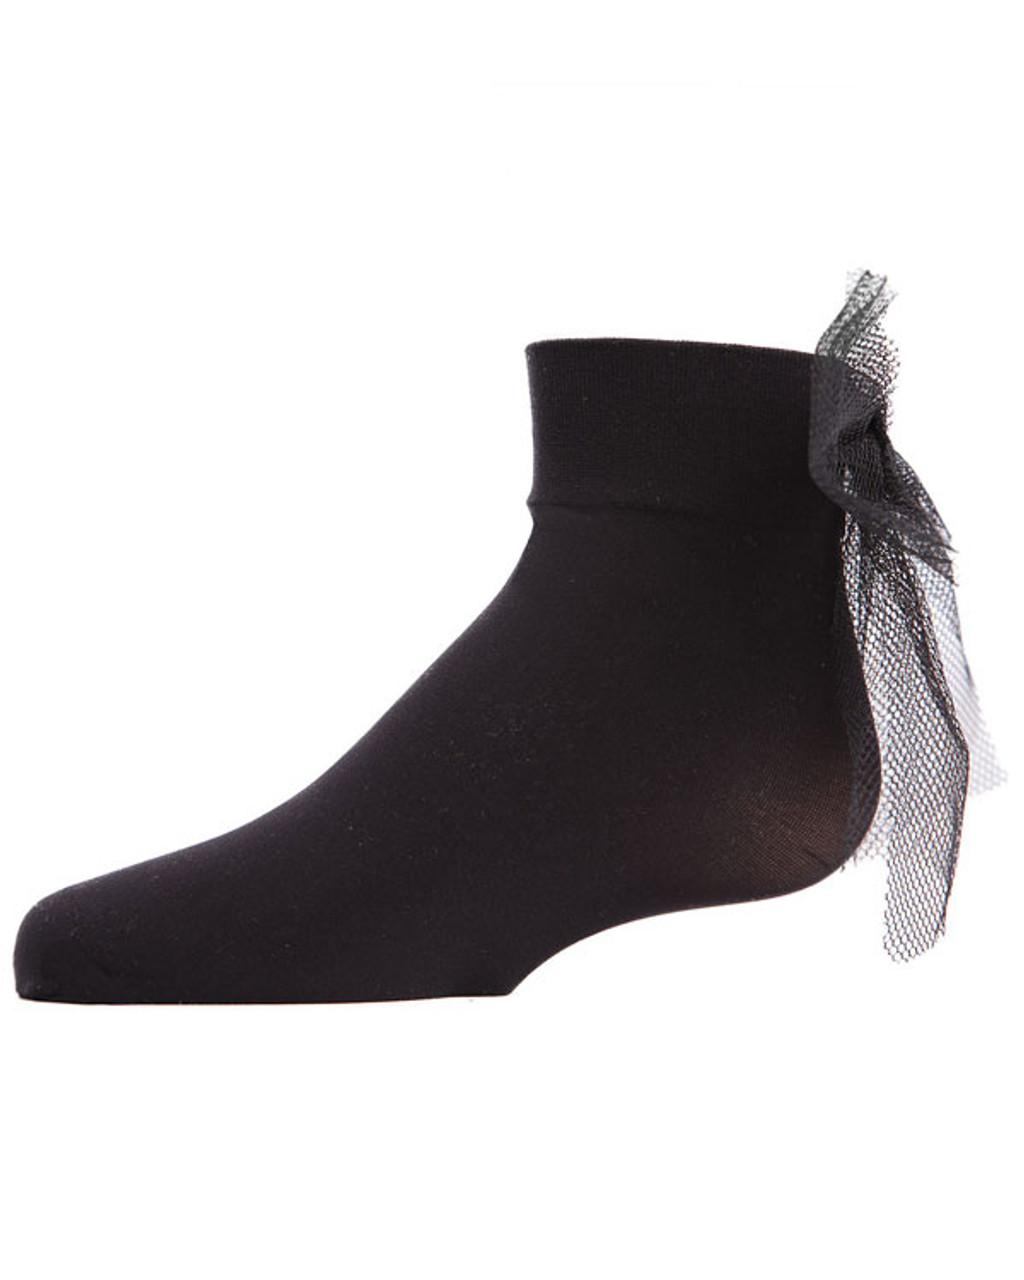 Memoi Tulle Bow Microfiber Anklet